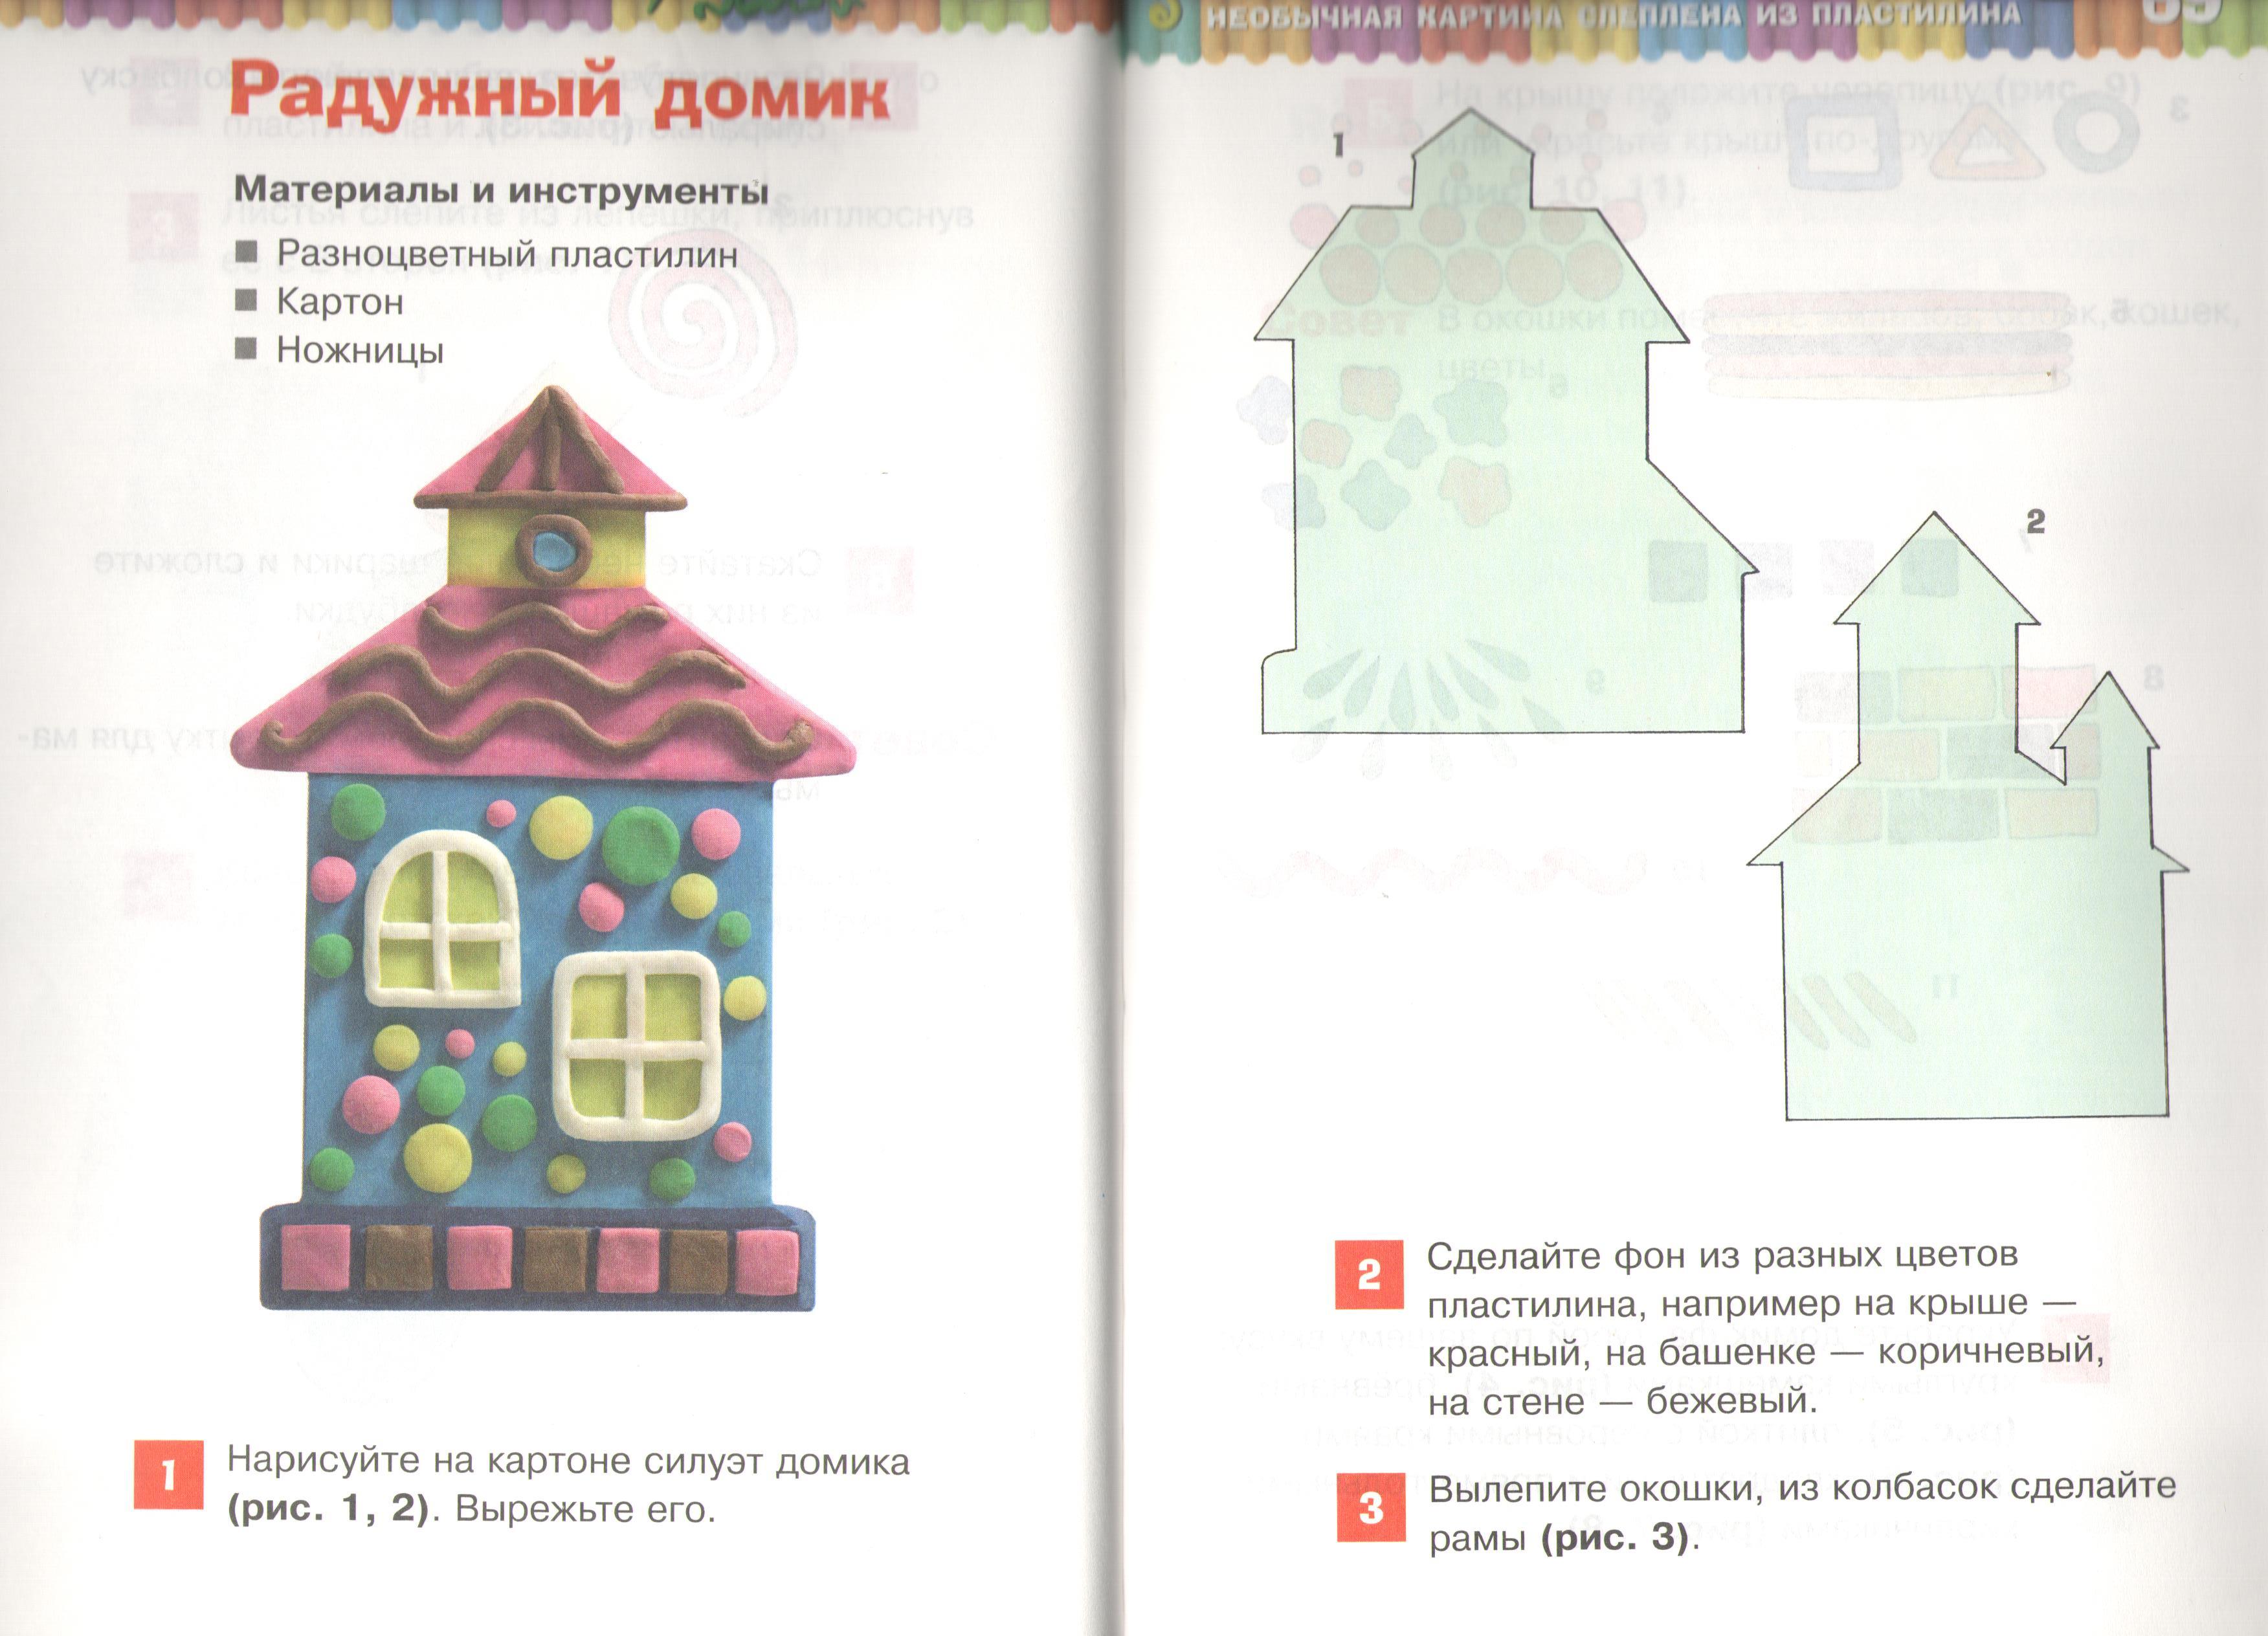 C:\Users\Admin\Desktop\Работа с пластилином\пластилин-радужный домик 001.jpg